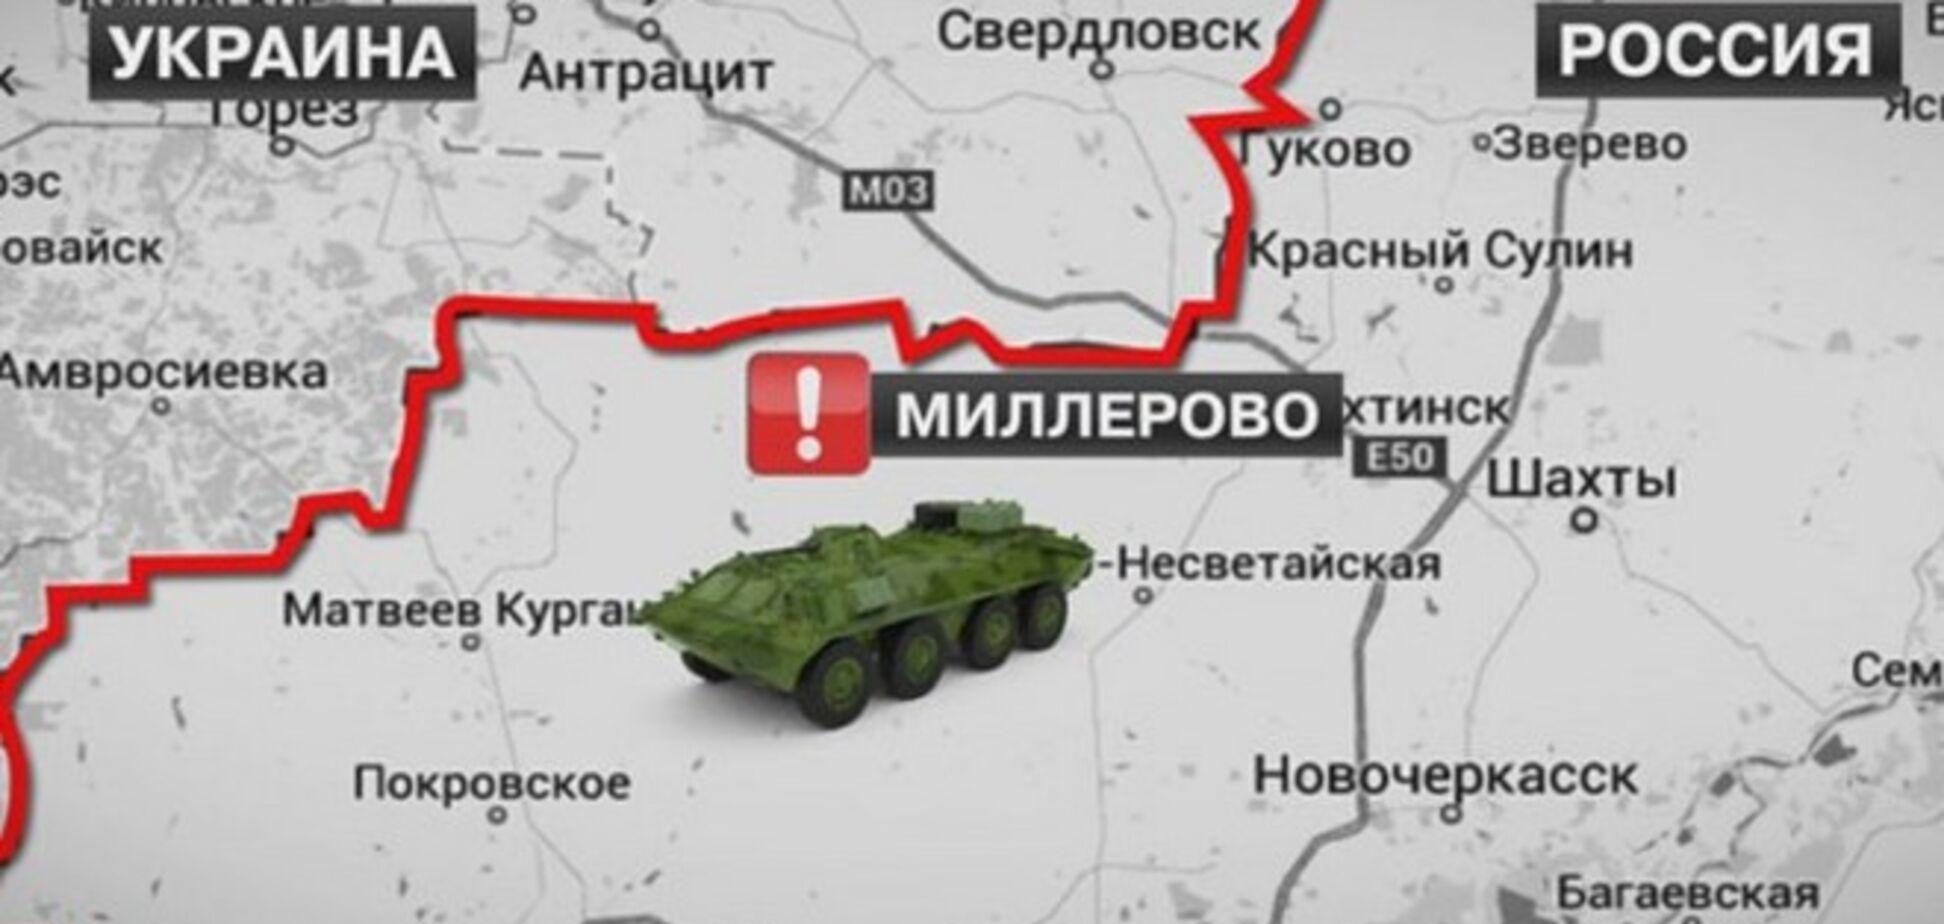 Российские войска концентрируются и прибывают к границе с Украиной